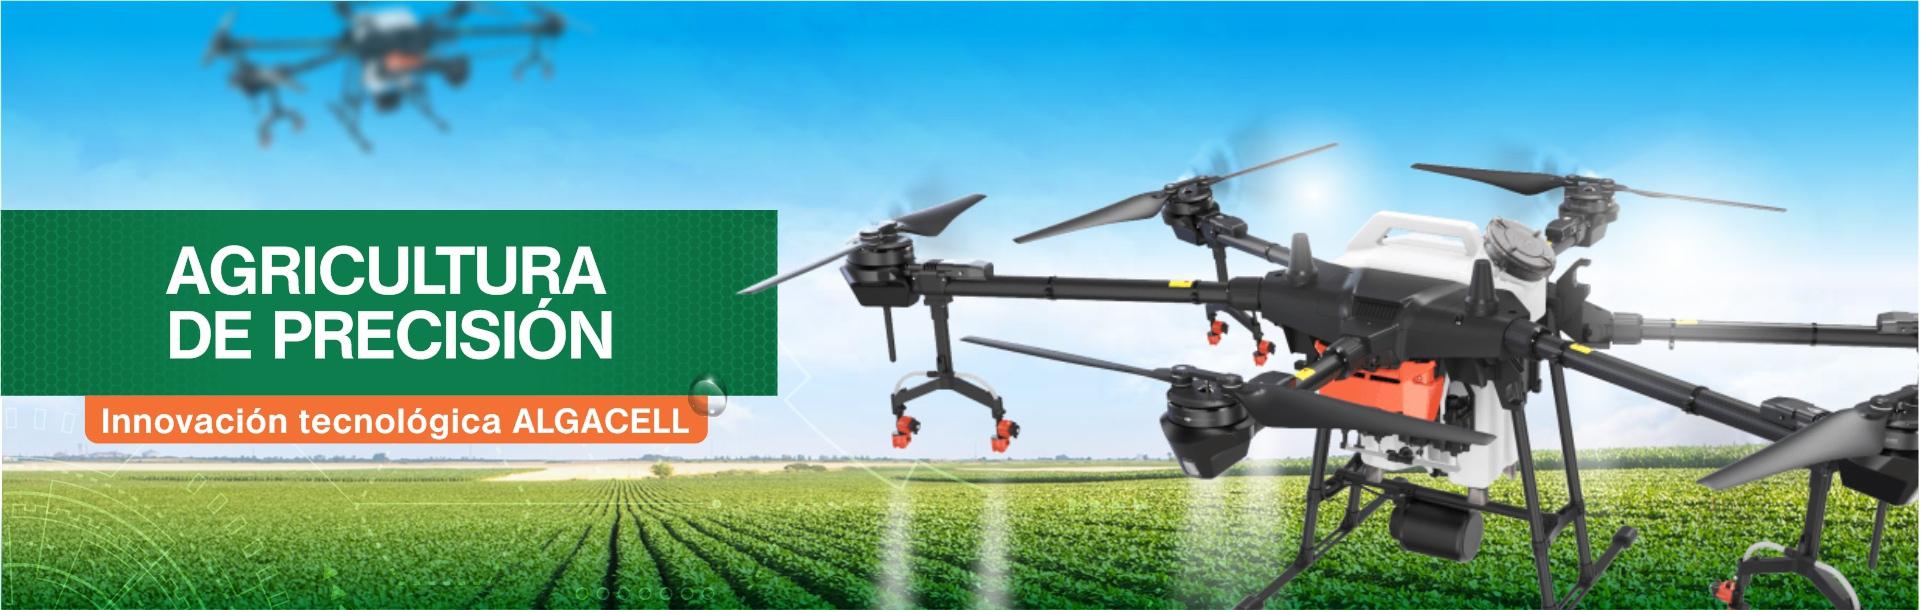 Agricultura-de-precisin-innovacin-riego-algacell-dron2